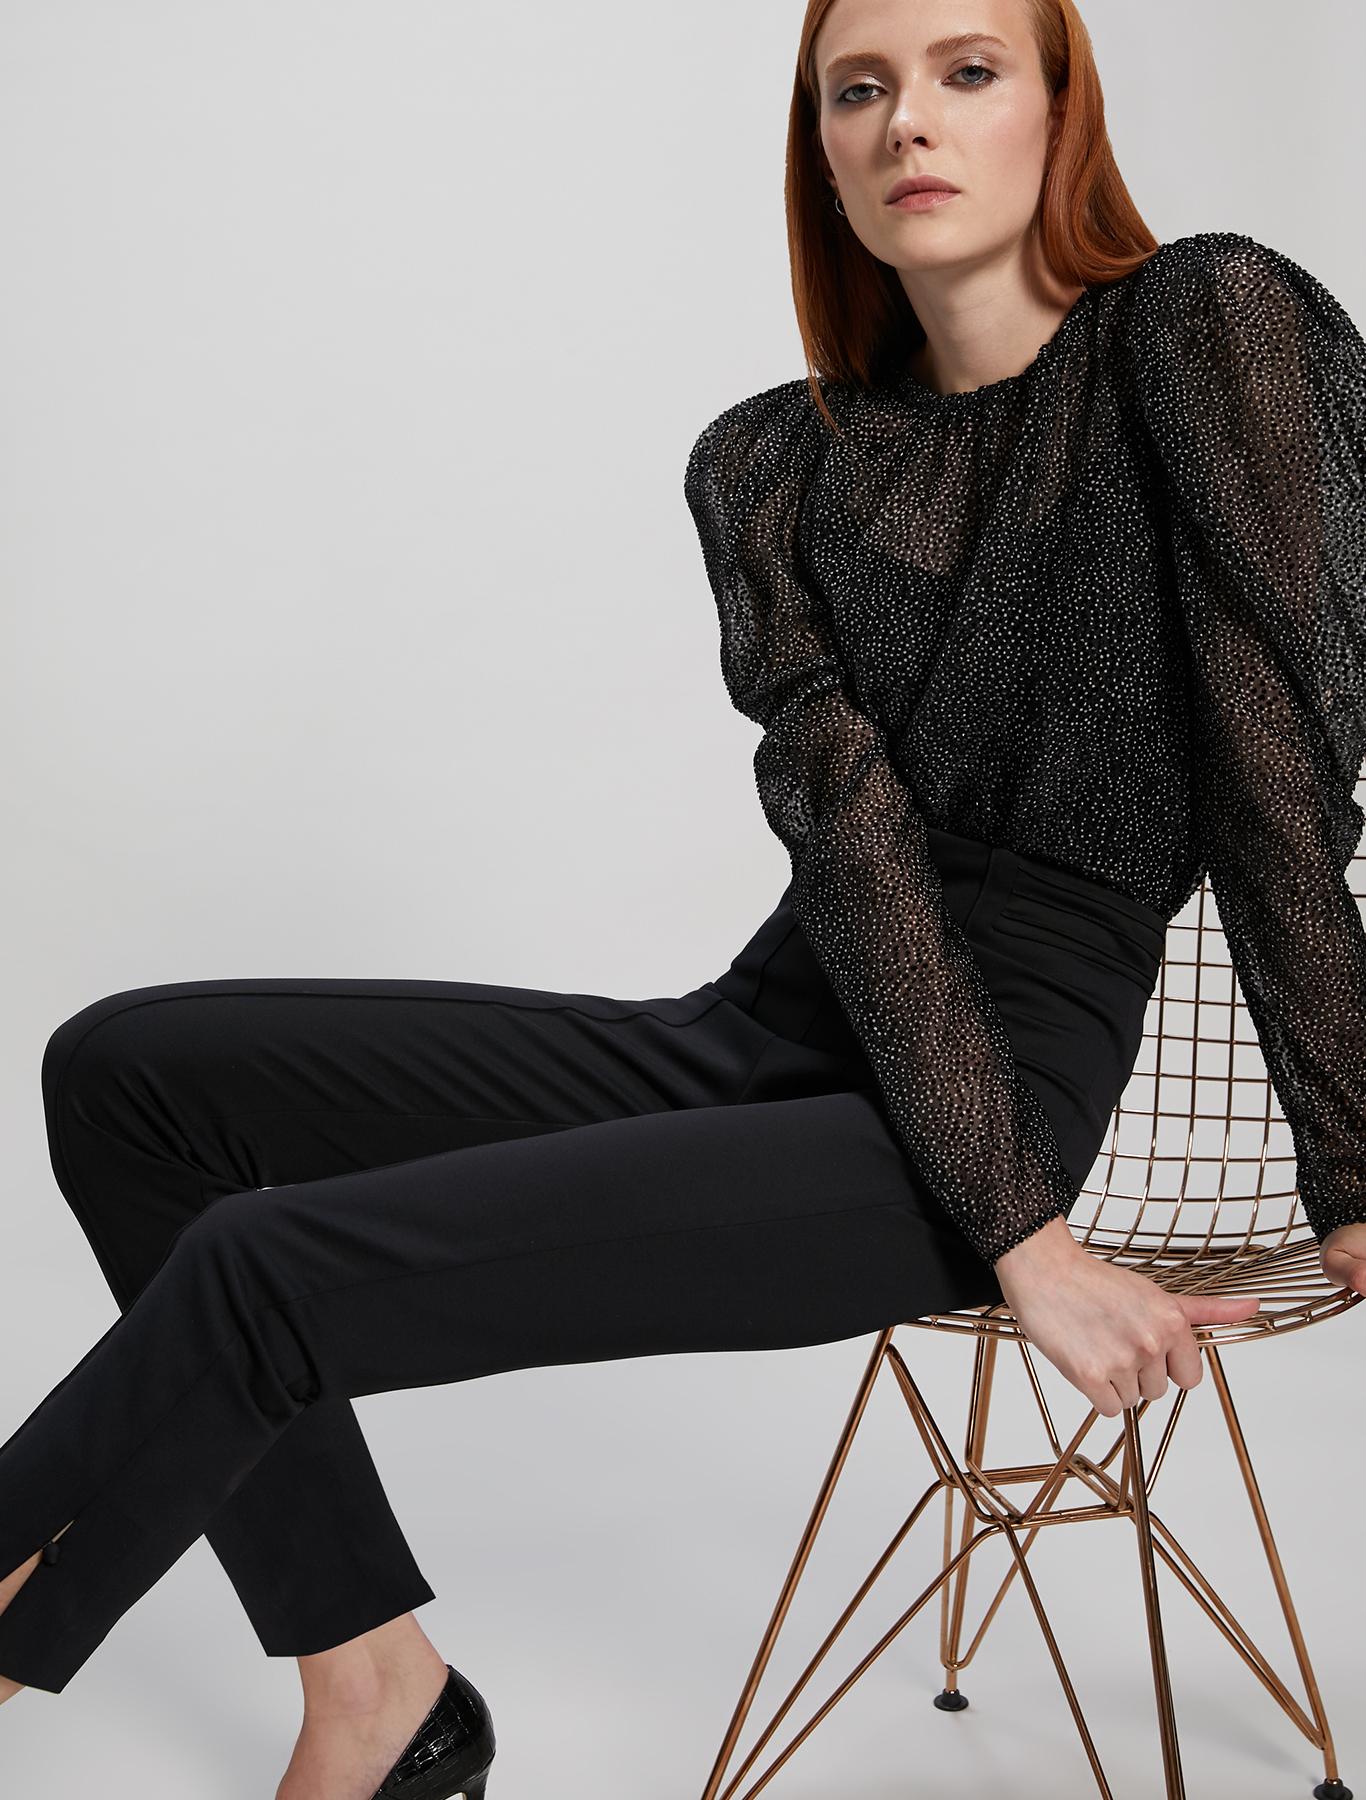 Blouse in 3D polka dot georgette - black pattern - pennyblack